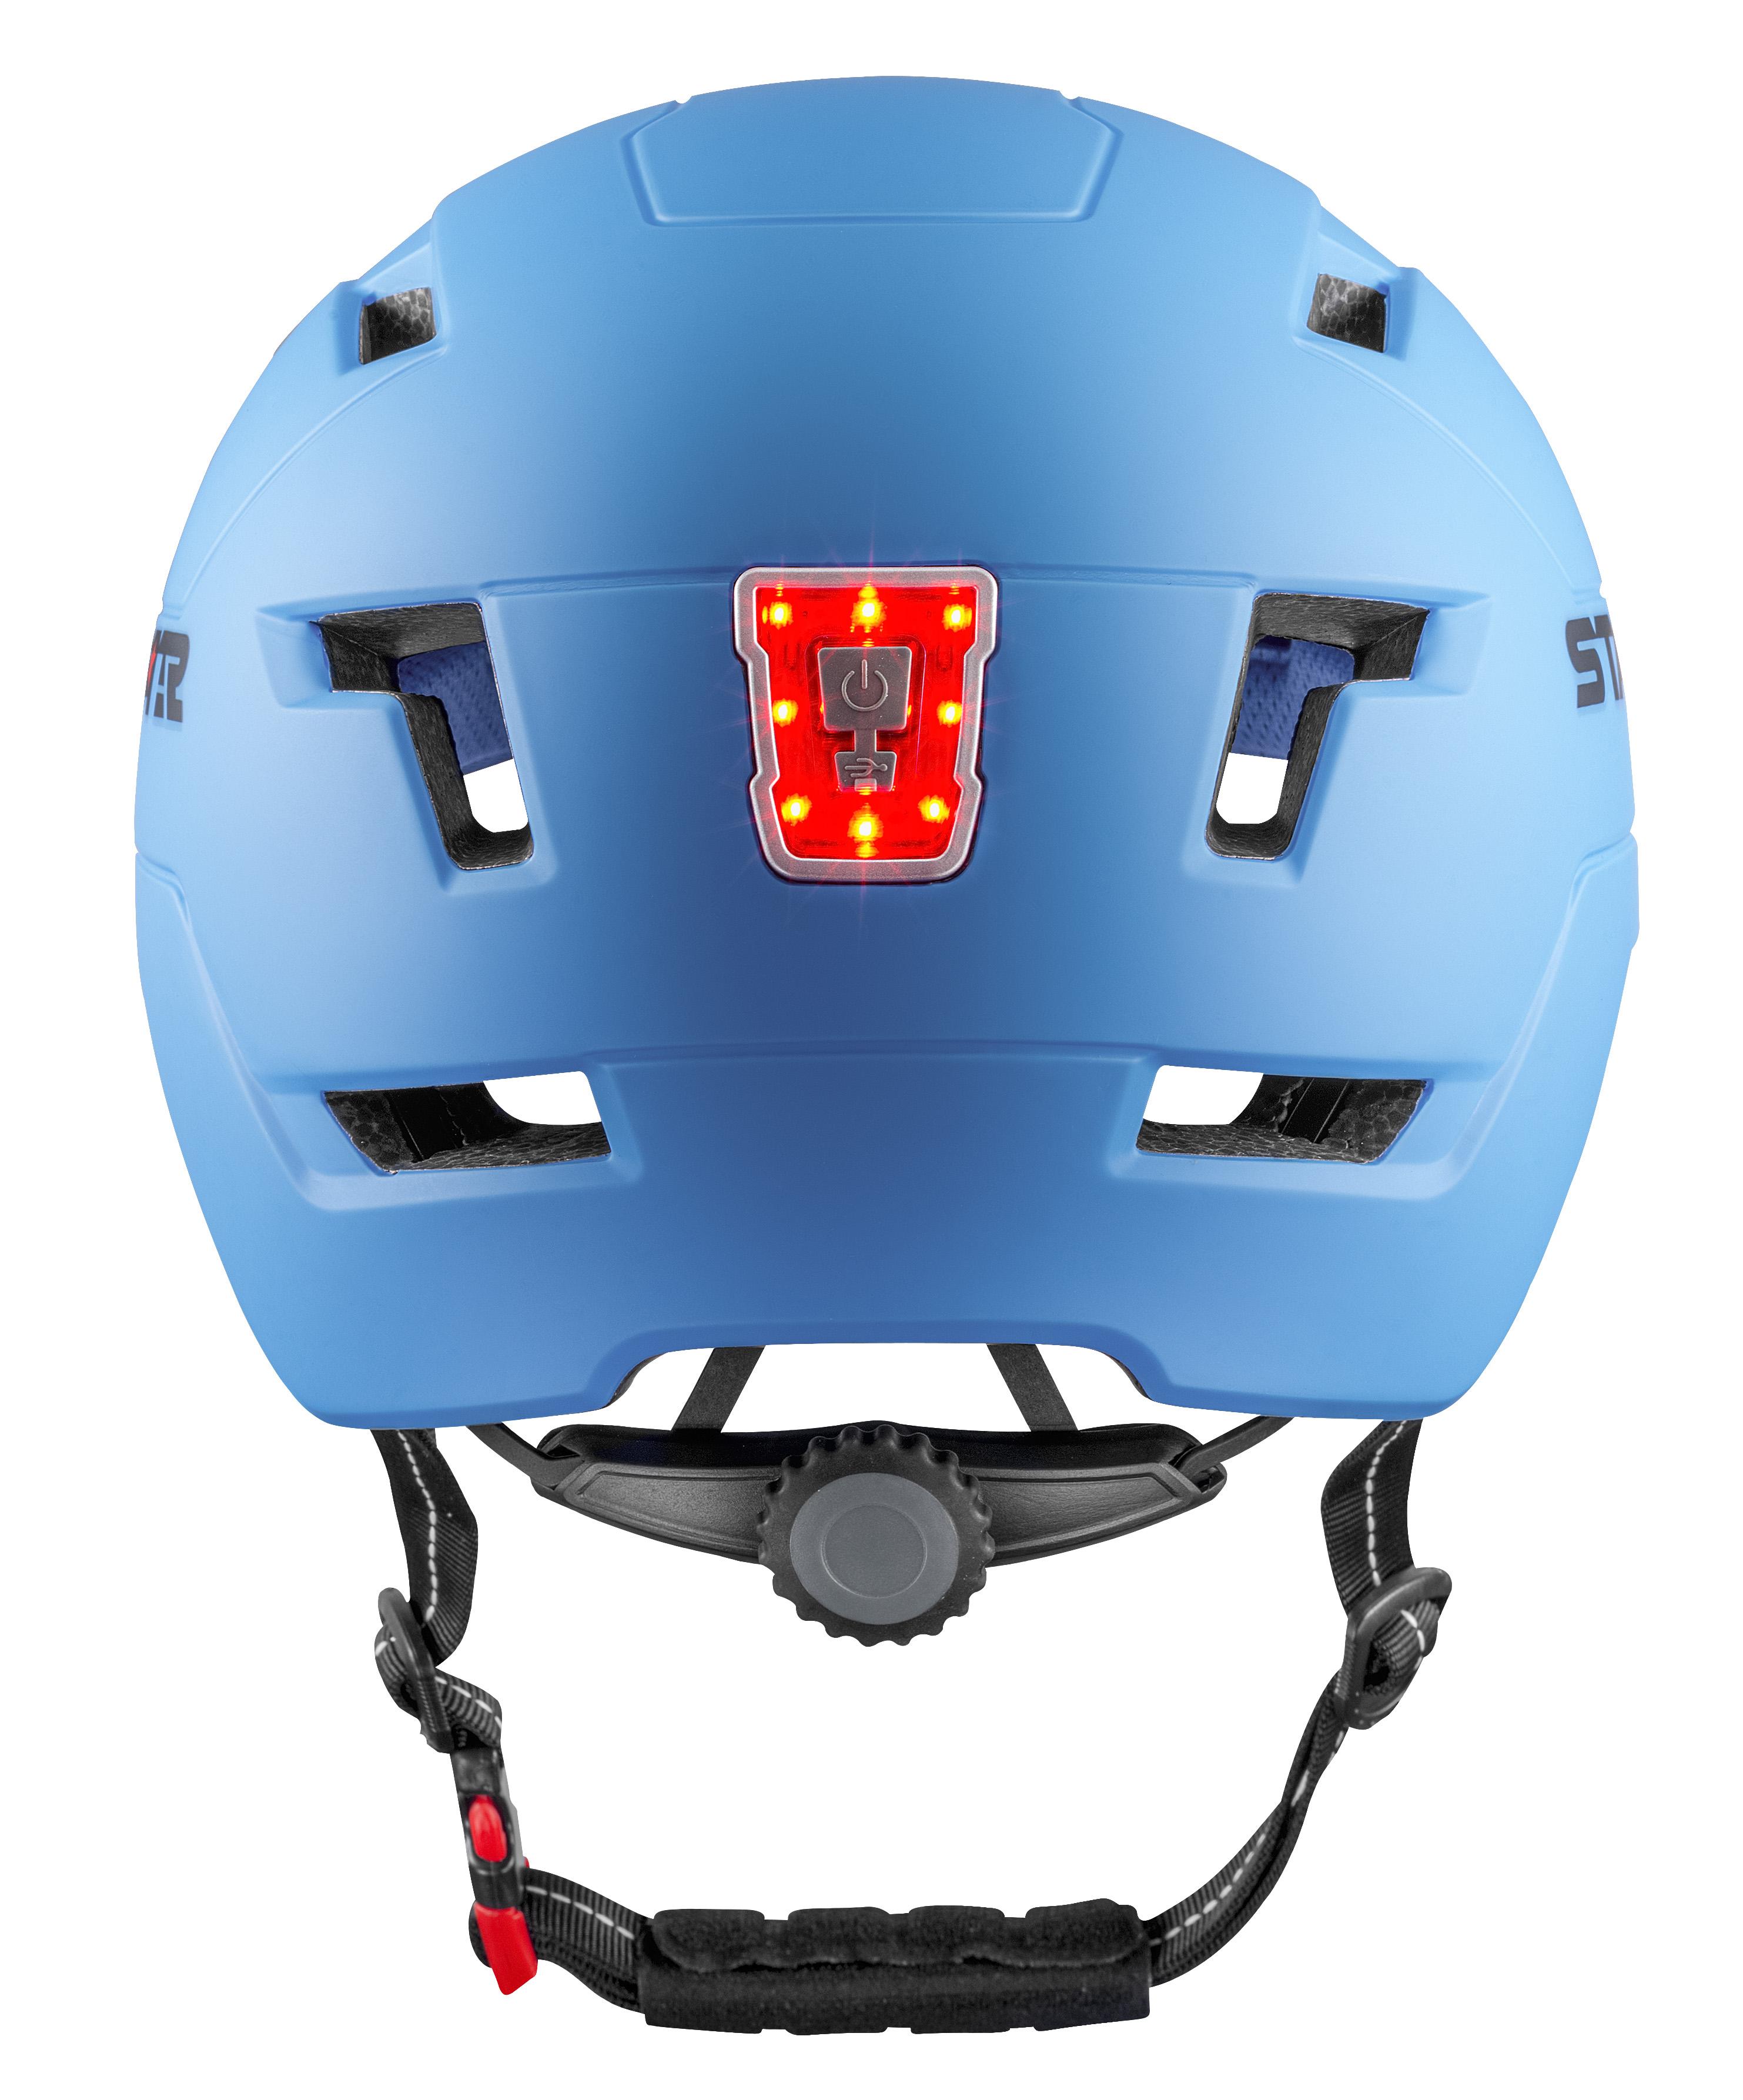 E3-10L E-Bike Helmet with LED lights